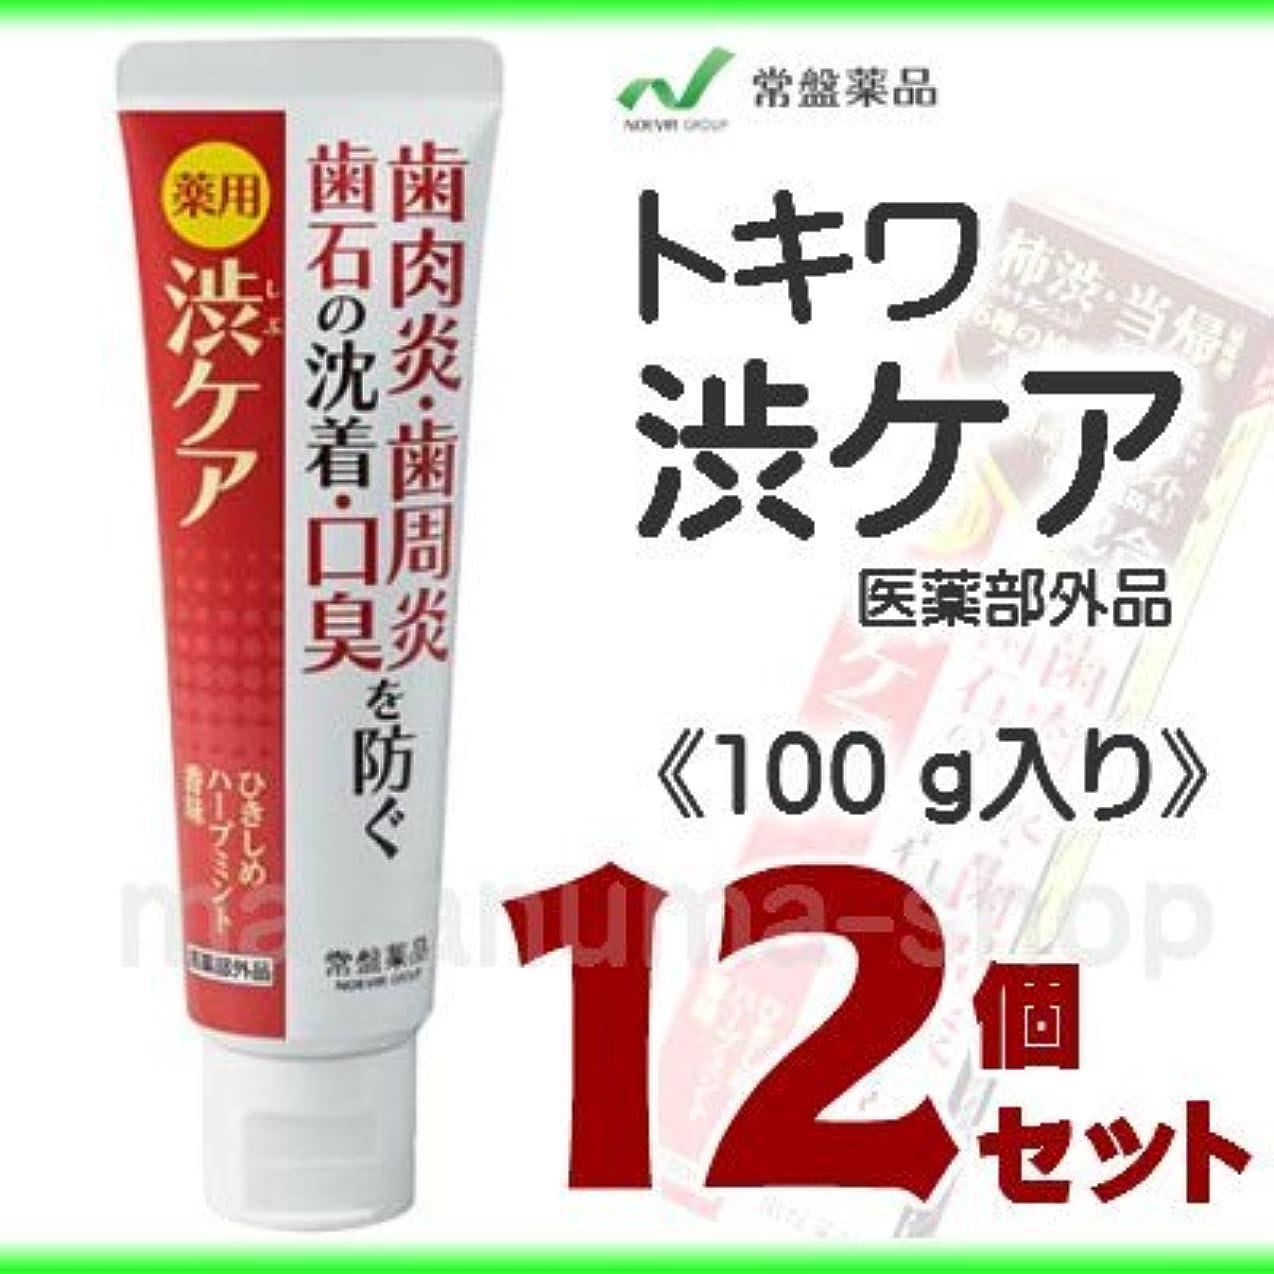 振り子突然レシピトキワ 薬用渋ケア (100g) 12個セット